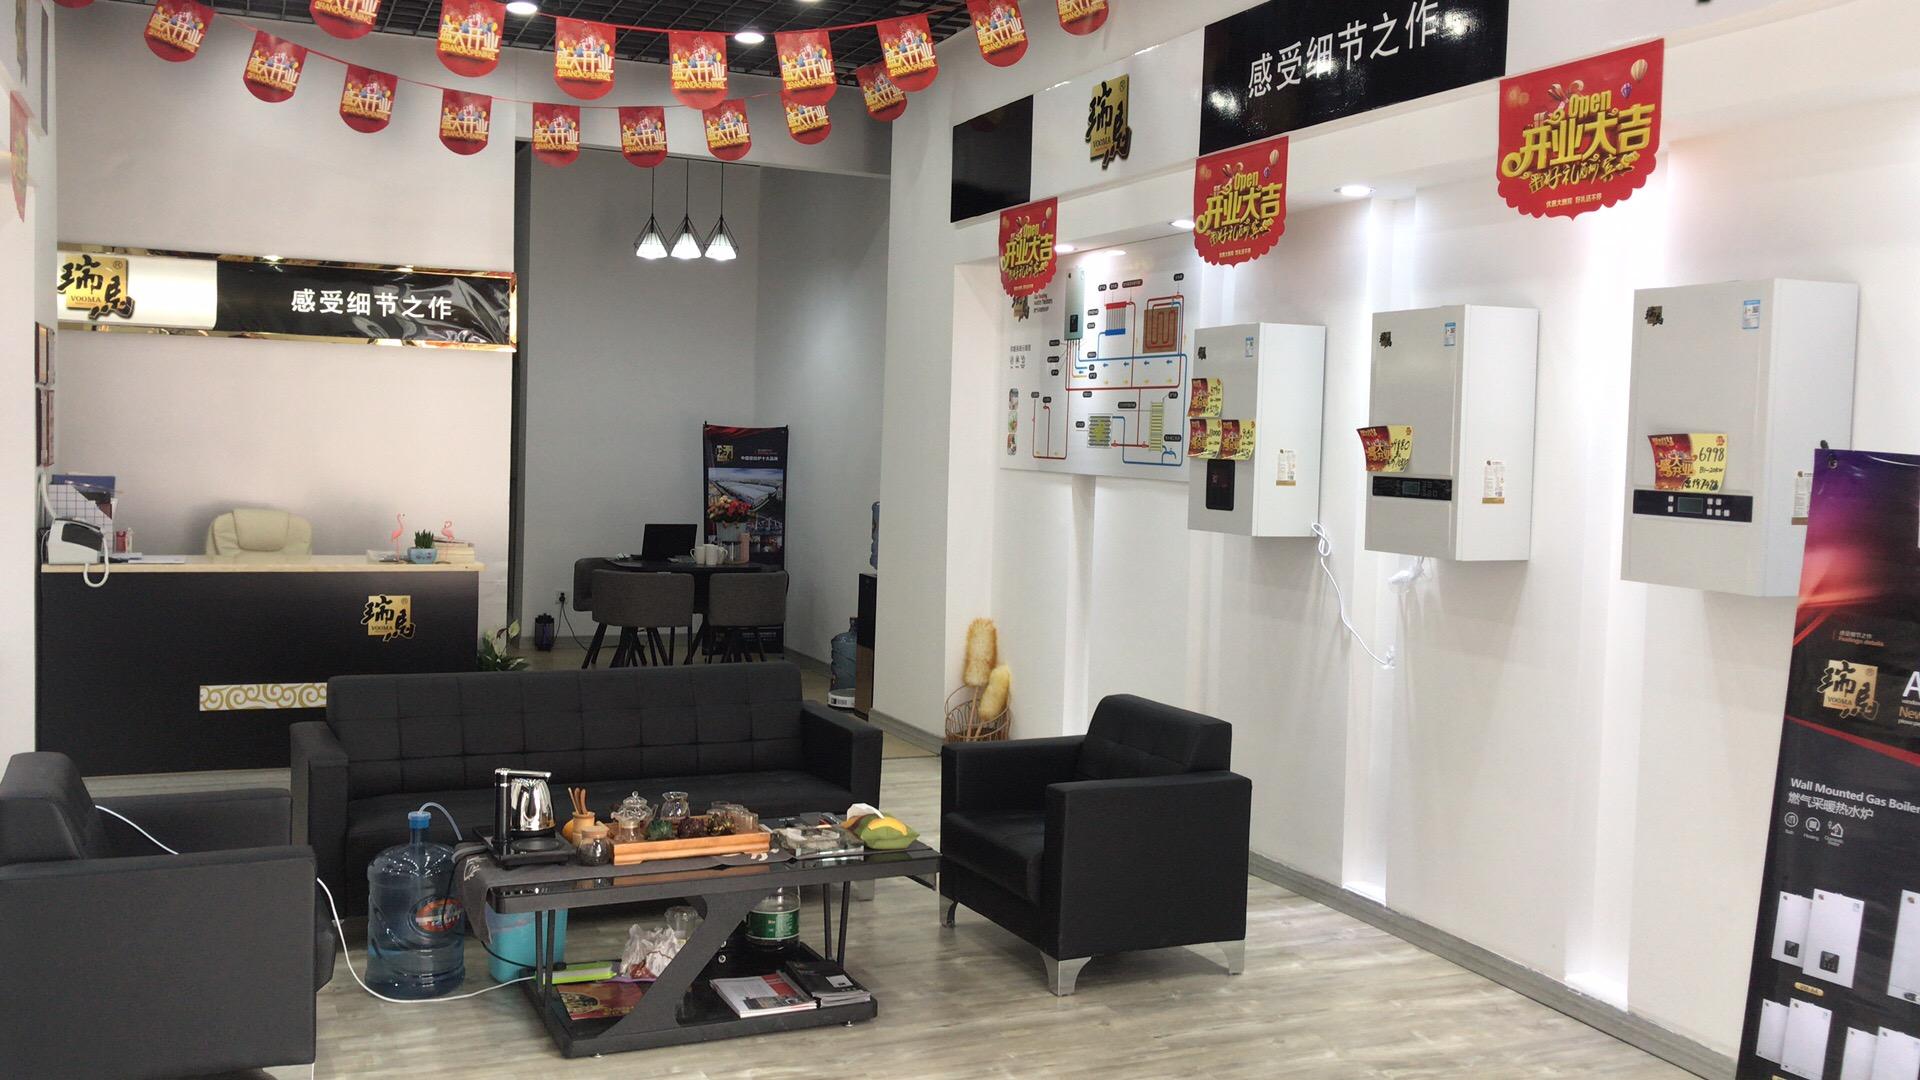 四川资阳市瑞马壁挂炉加盟体验店